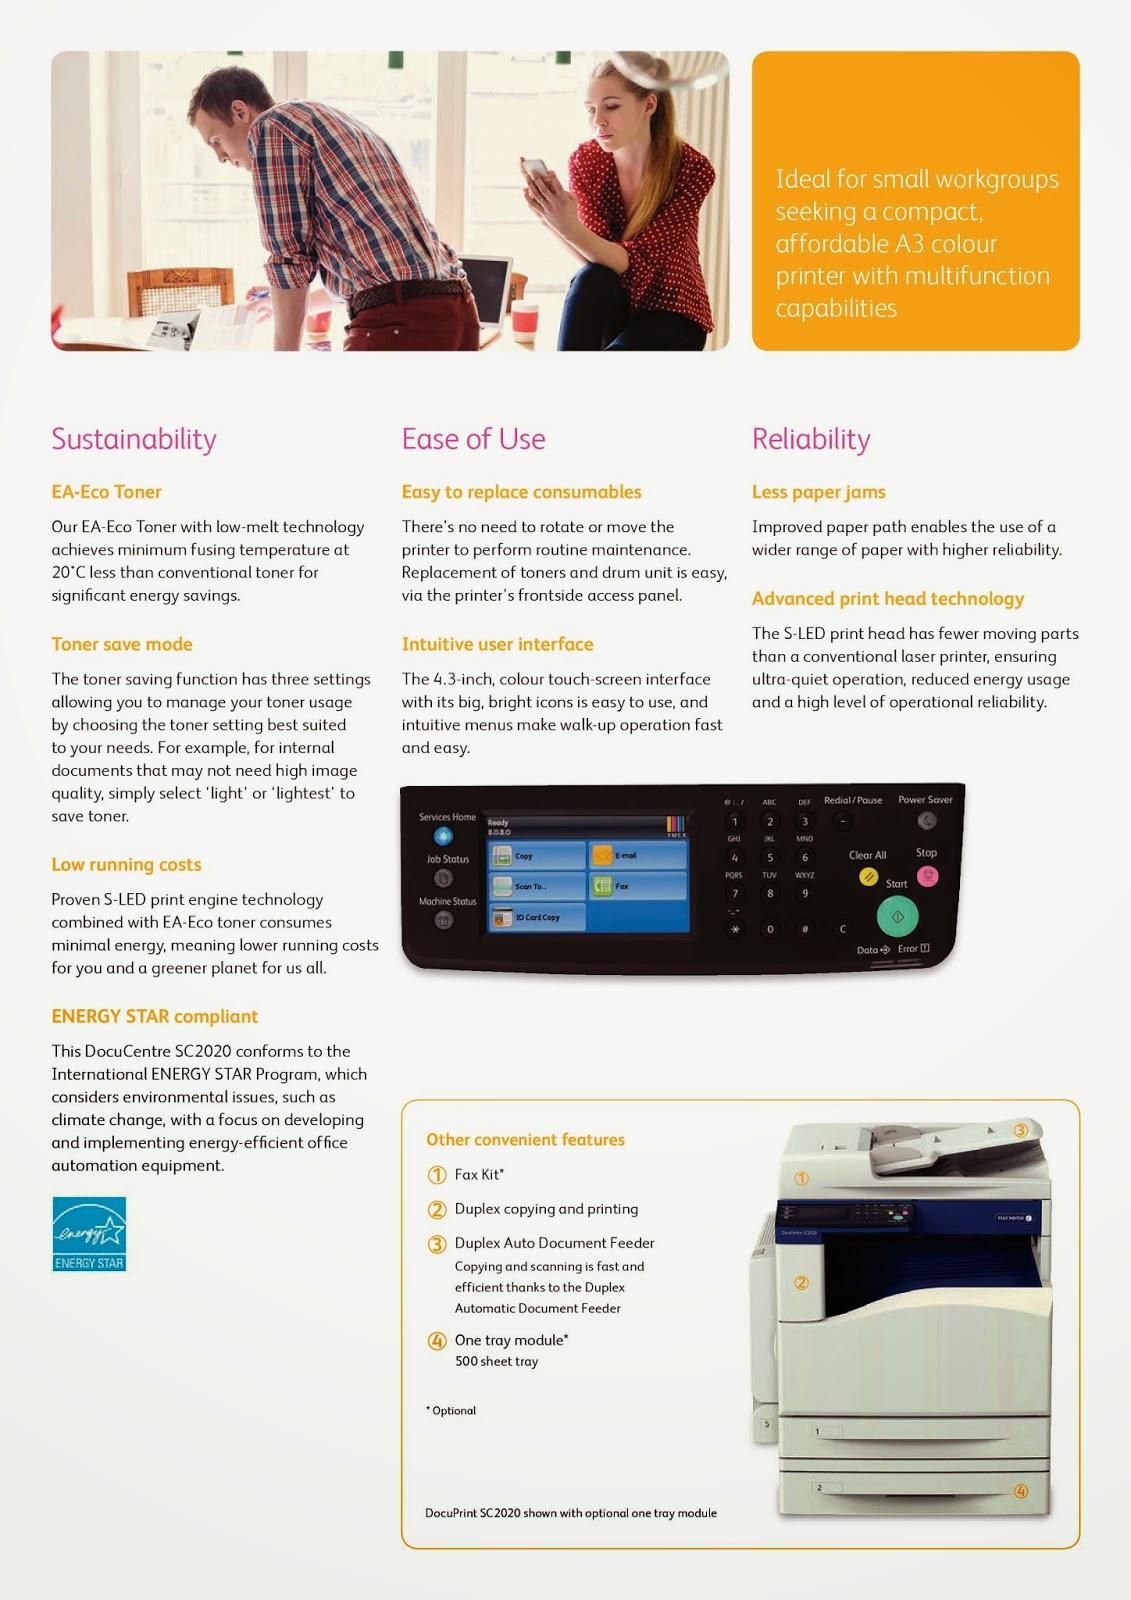 dịch vụ cho thuê mấy photocopy giá rẻ phục vụ nhanh nhất không cần thế chấp - 3